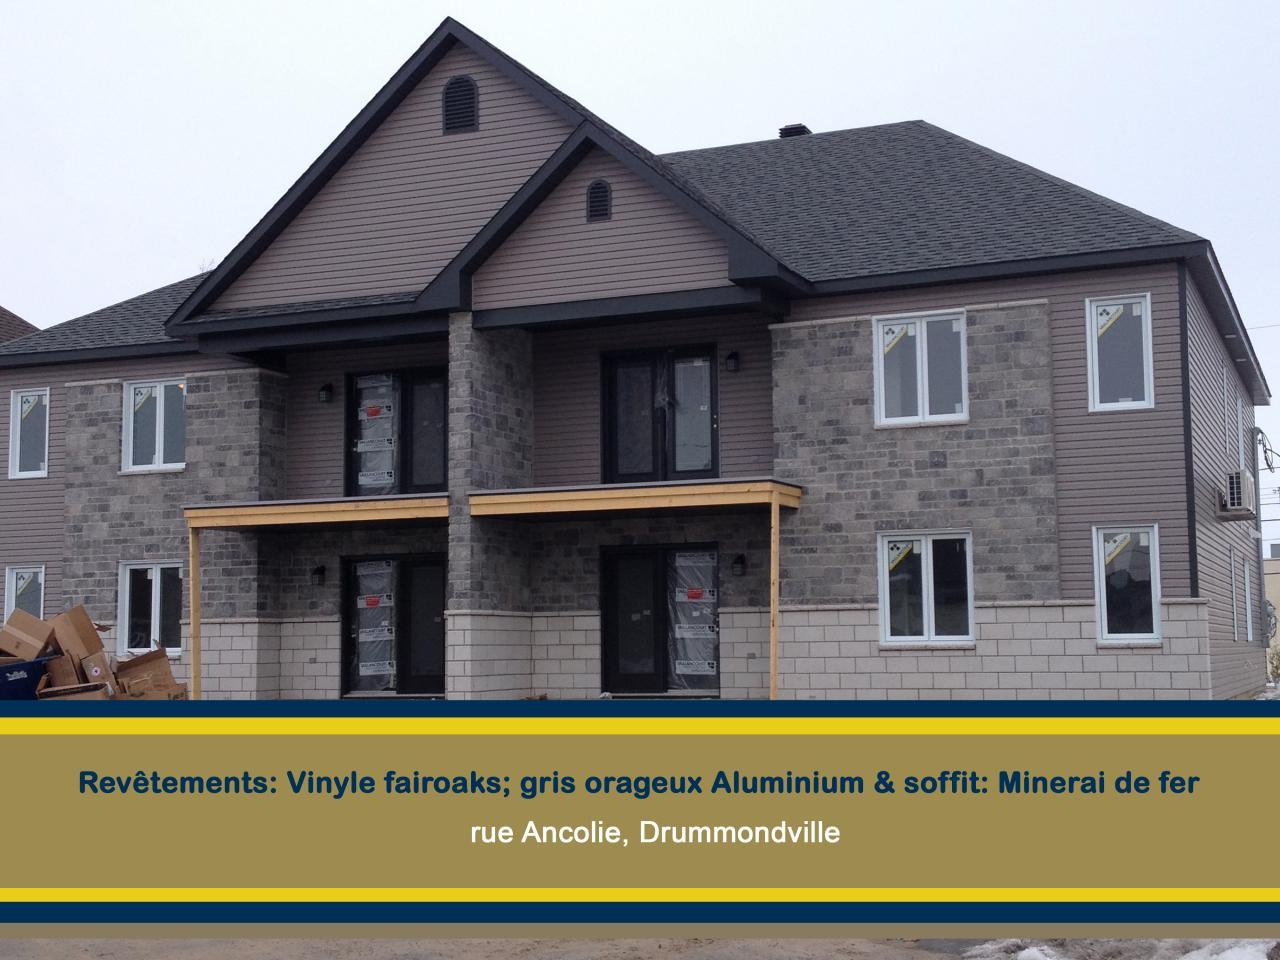 1525 Ancolie Drummondville vinlyle